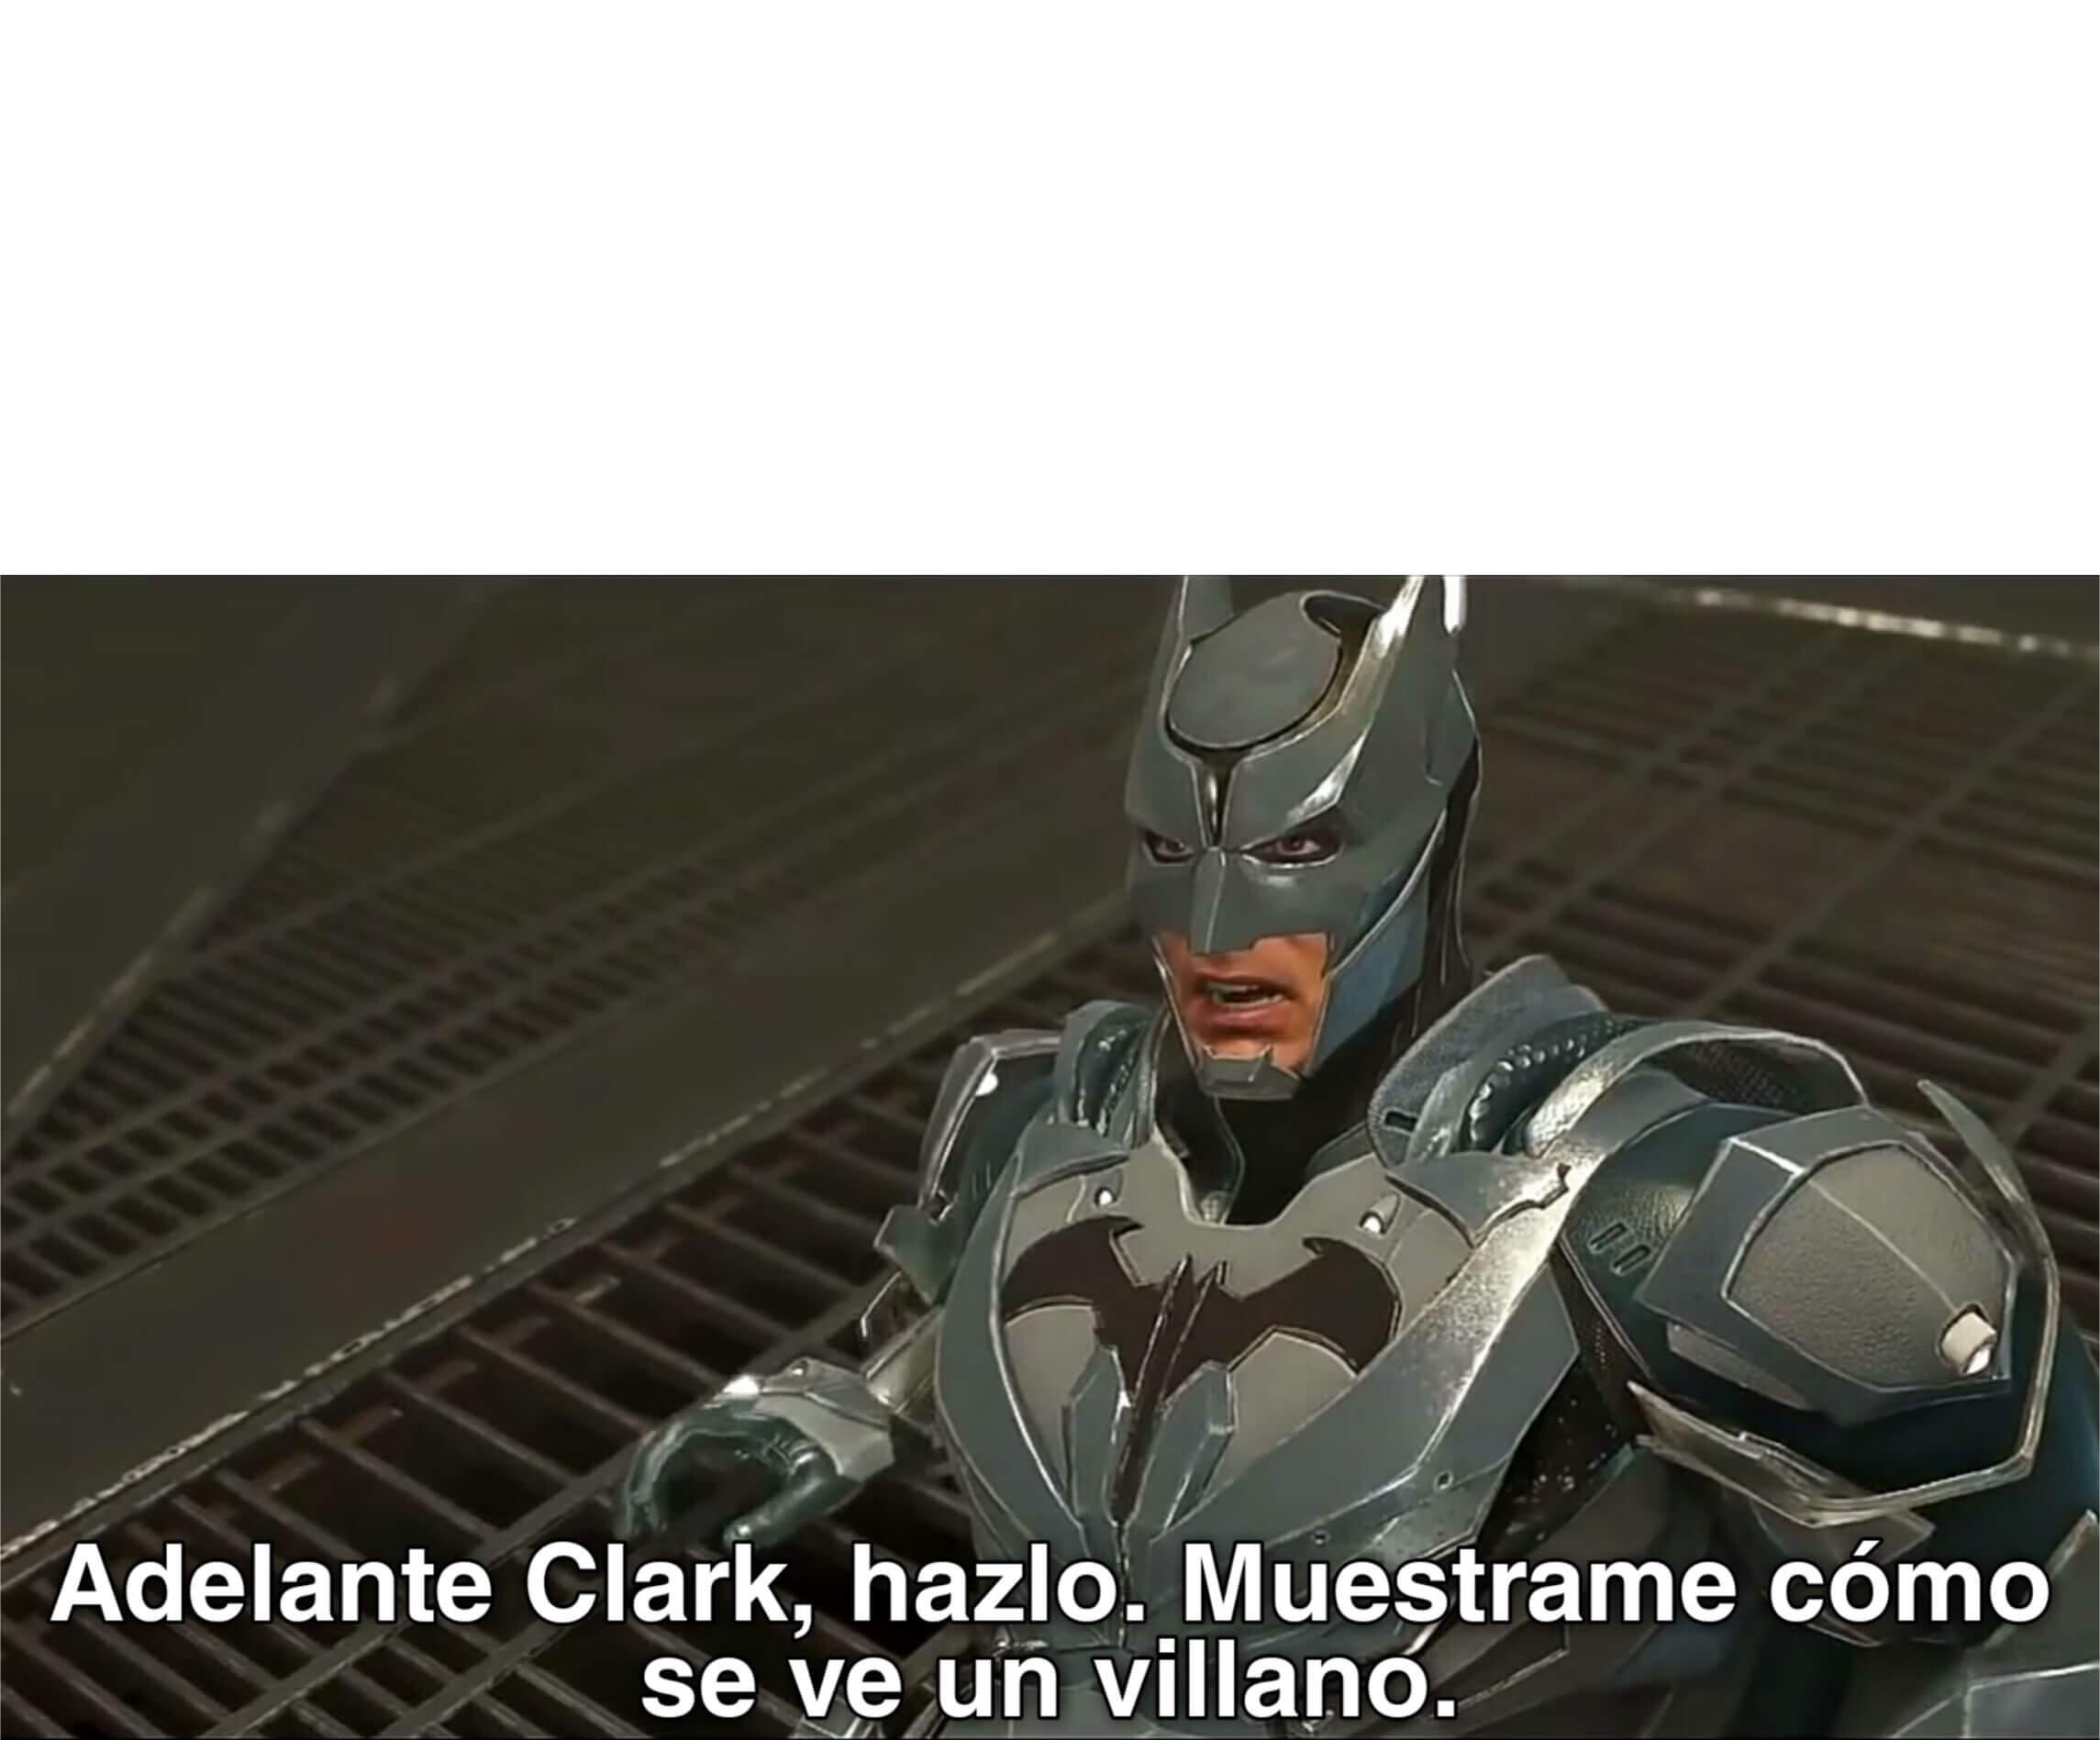 Ir a la pagina de la plantilla Adelante Clark, hazlo. Muestrame cómo se ve un villano..